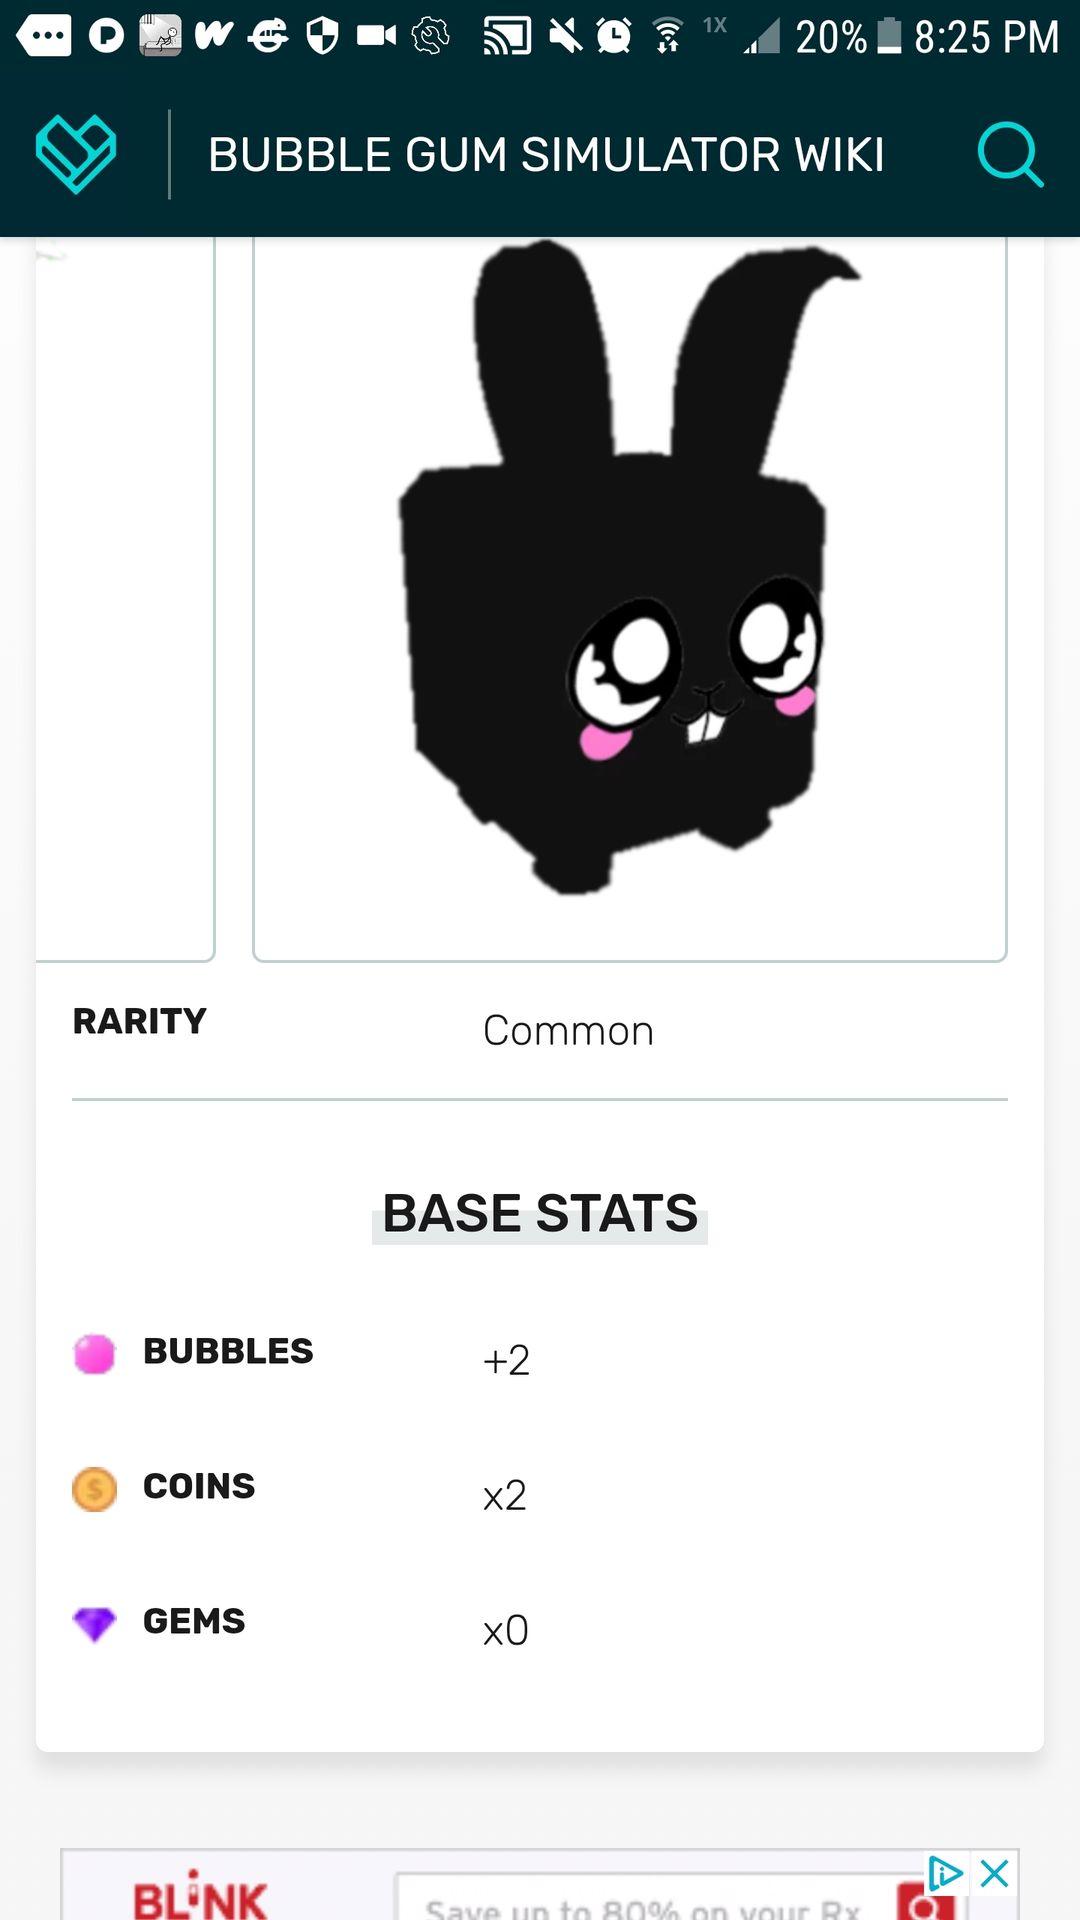 Bubble gum simulator pet review! - Bunny - Wattpad